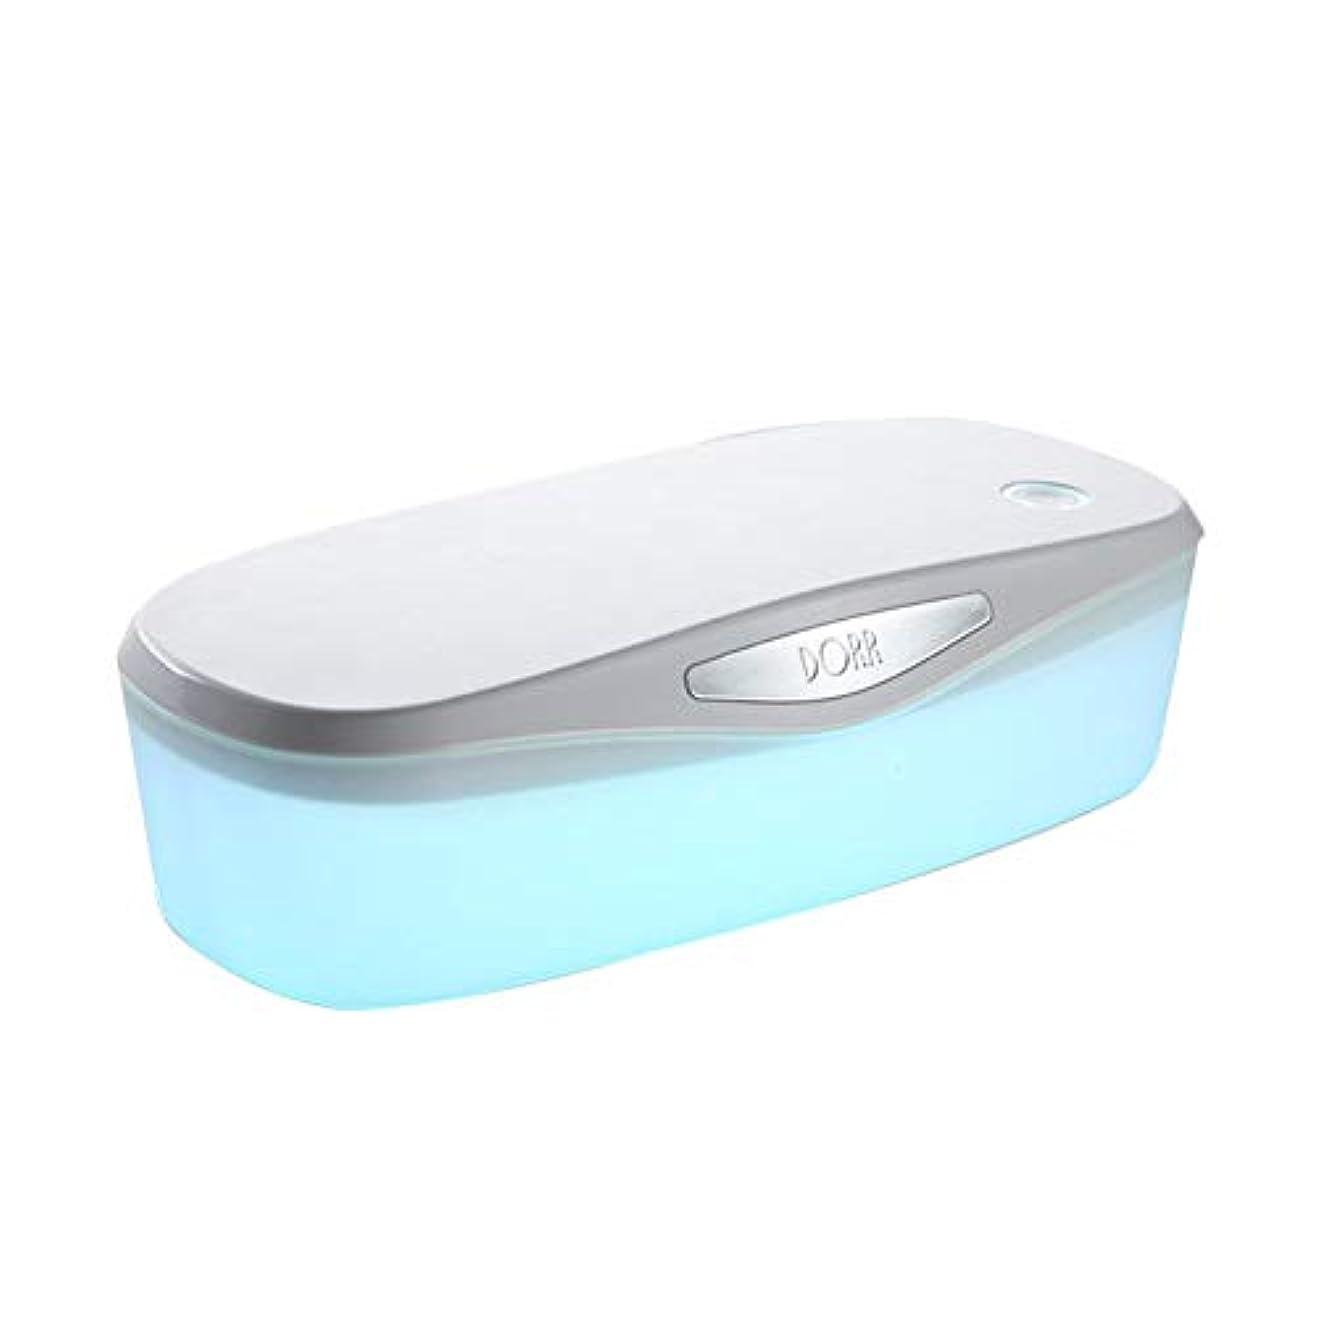 おなじみの露出度の高い恐ろしいです紫外線殺菌箱、携帯用USBの抗菌性のオゾン殺菌の殺菌ランプが付いている紫外線殺菌装置、おしゃぶりのための美用具の滅菌装置成人用製品大広間用具食器類化粧筆歯ブラシ